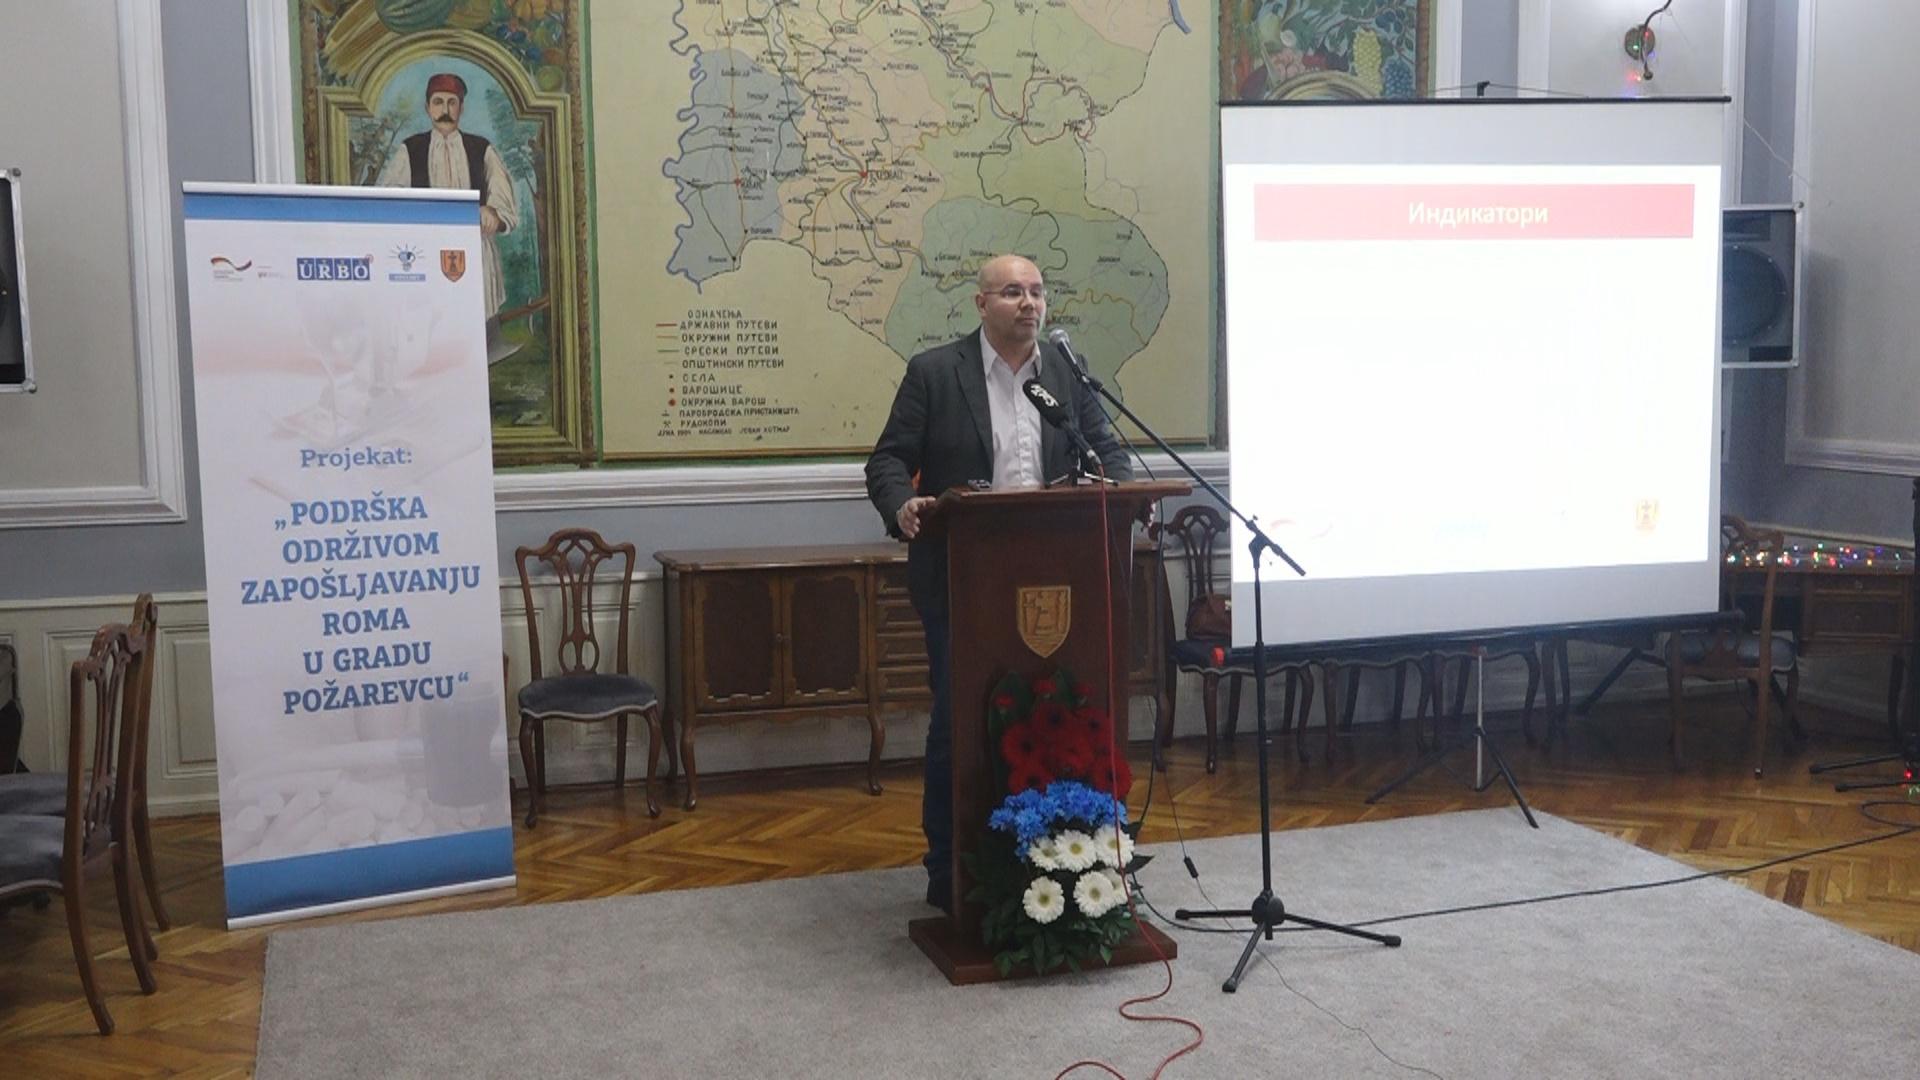 """Predstavljena realizacija projekta ,,Podrška održivom zapošljavanju Roma na teritoriji Grada Požarevca"""" 13177"""